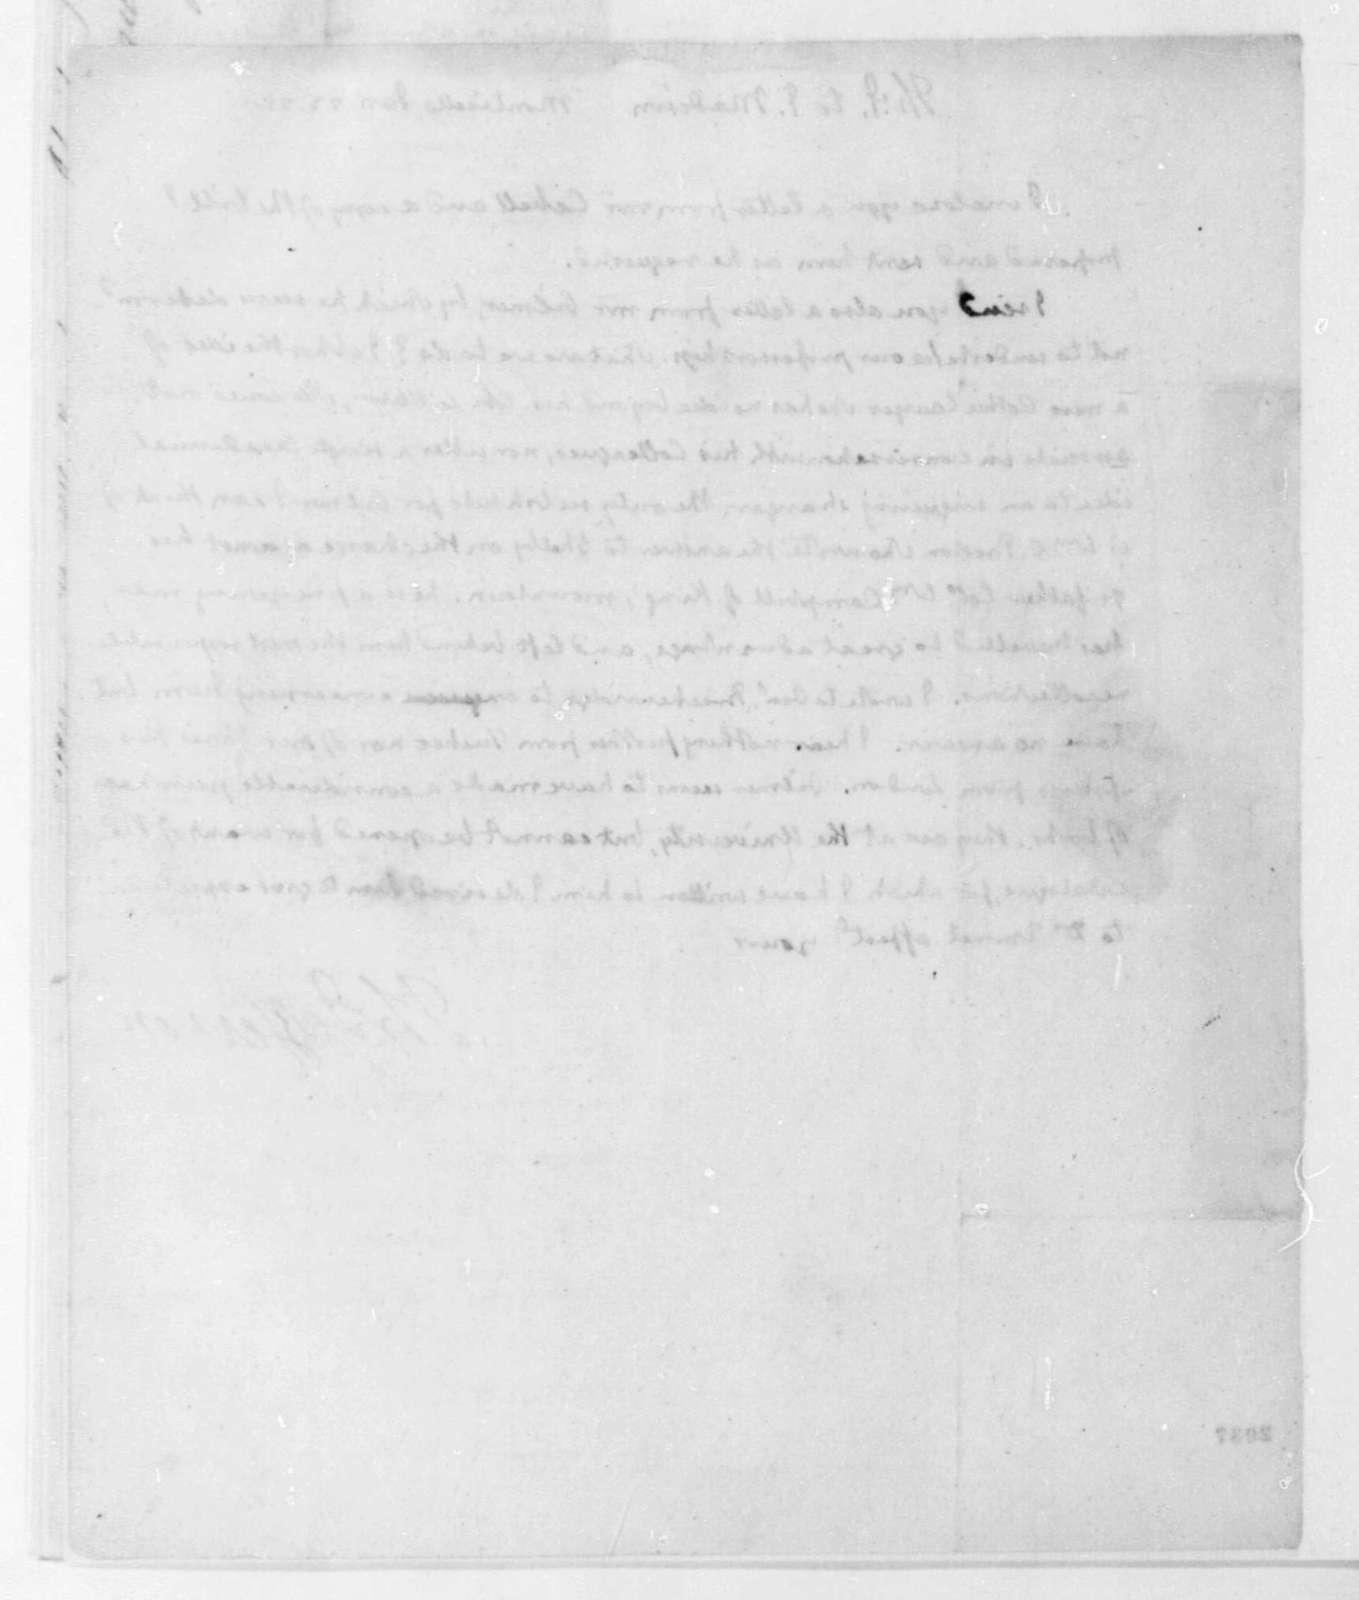 Thomas Jefferson to James Madison, January 23, 1825.